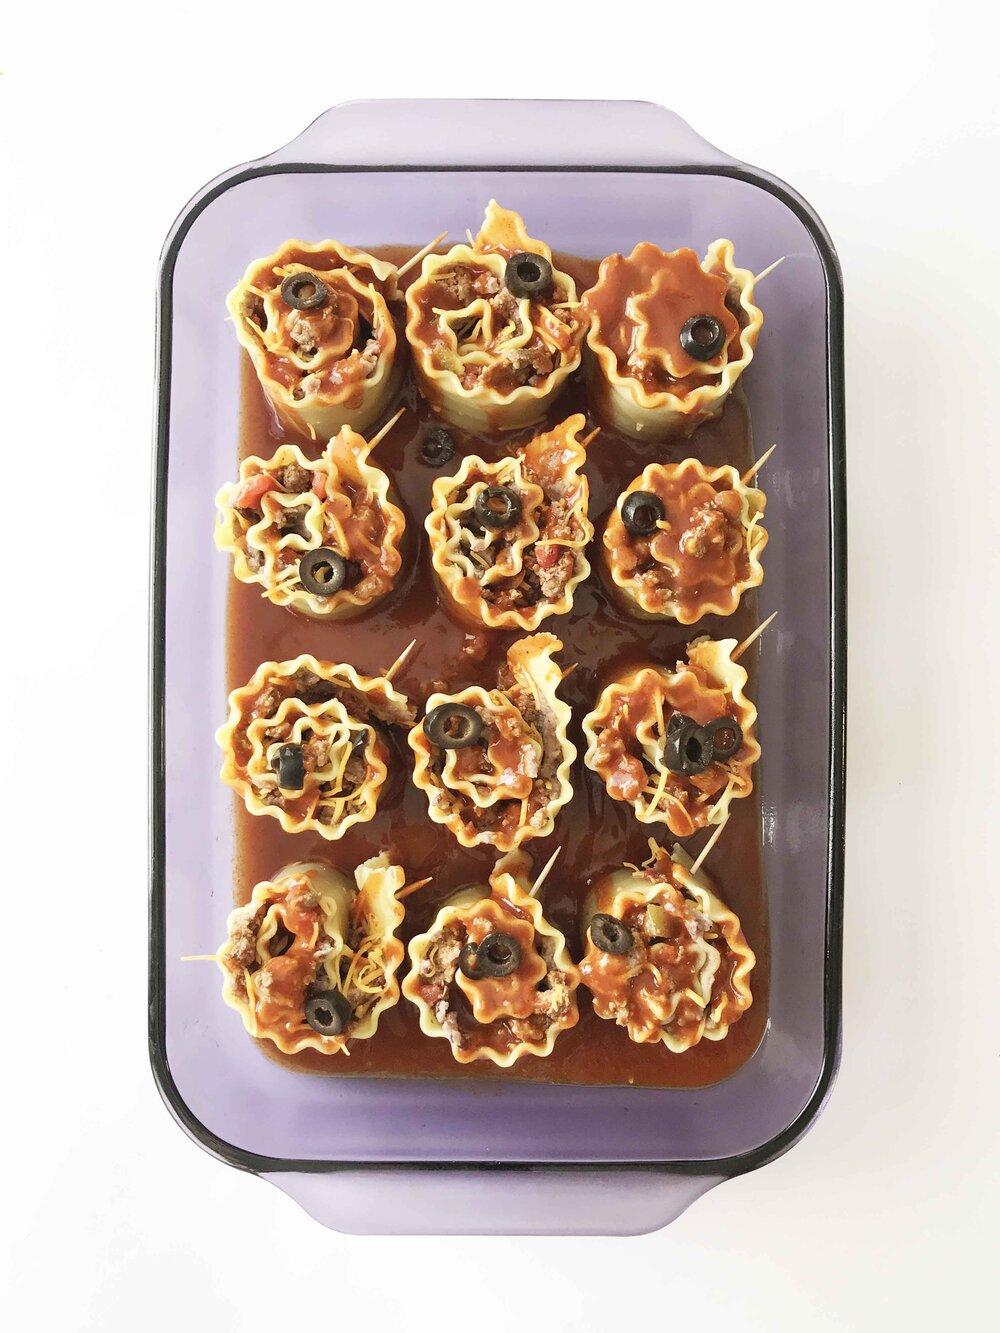 texmex-lasagna-rolls7.jpg